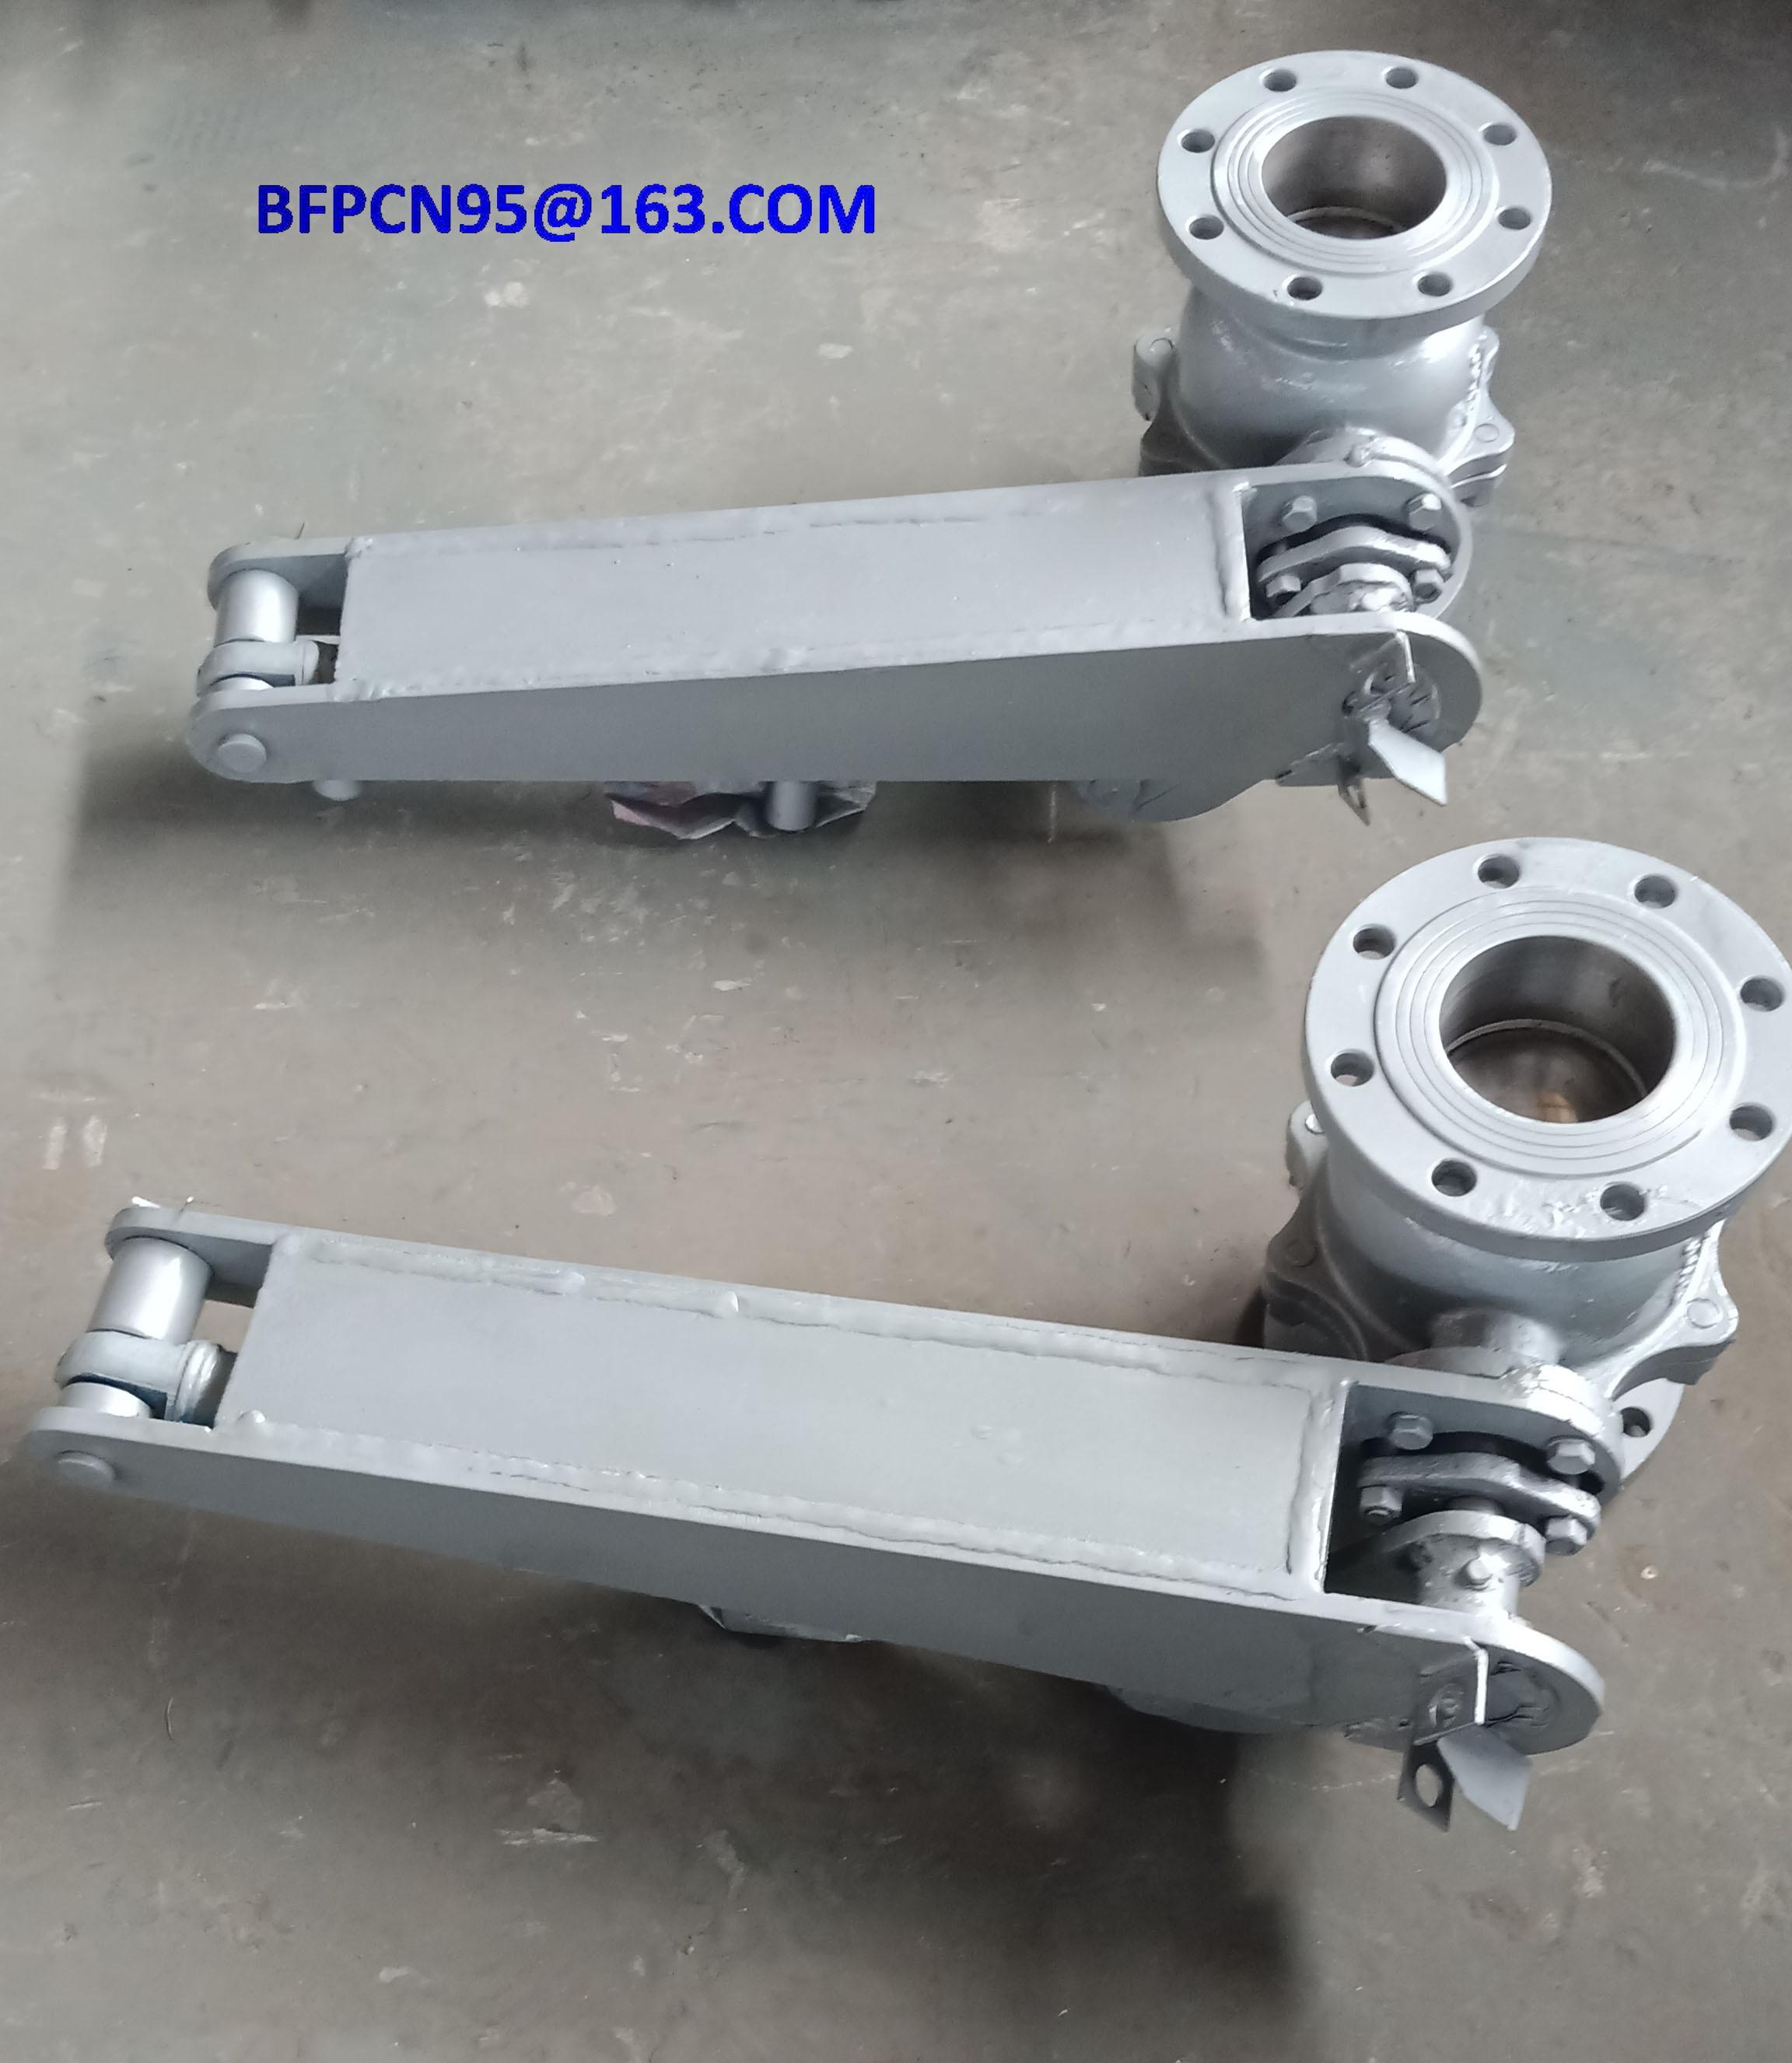 Ash release & cleaning valve (Cinder valve or ash valve)